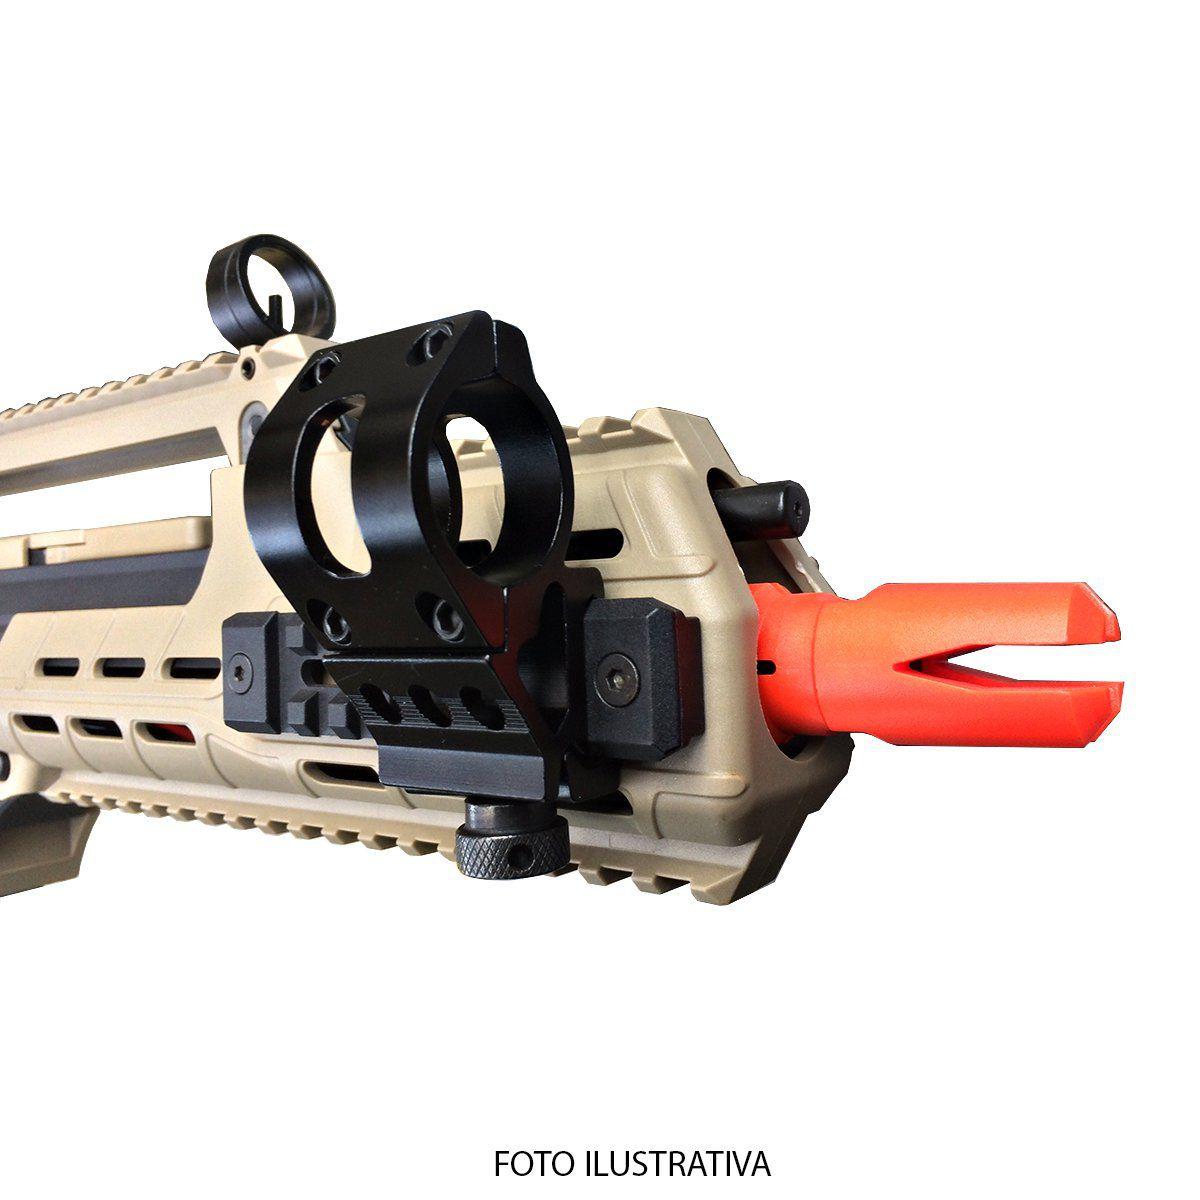 Suporte Para Fixar Lanterna Em Armas de Trilho MGM-3 22mm